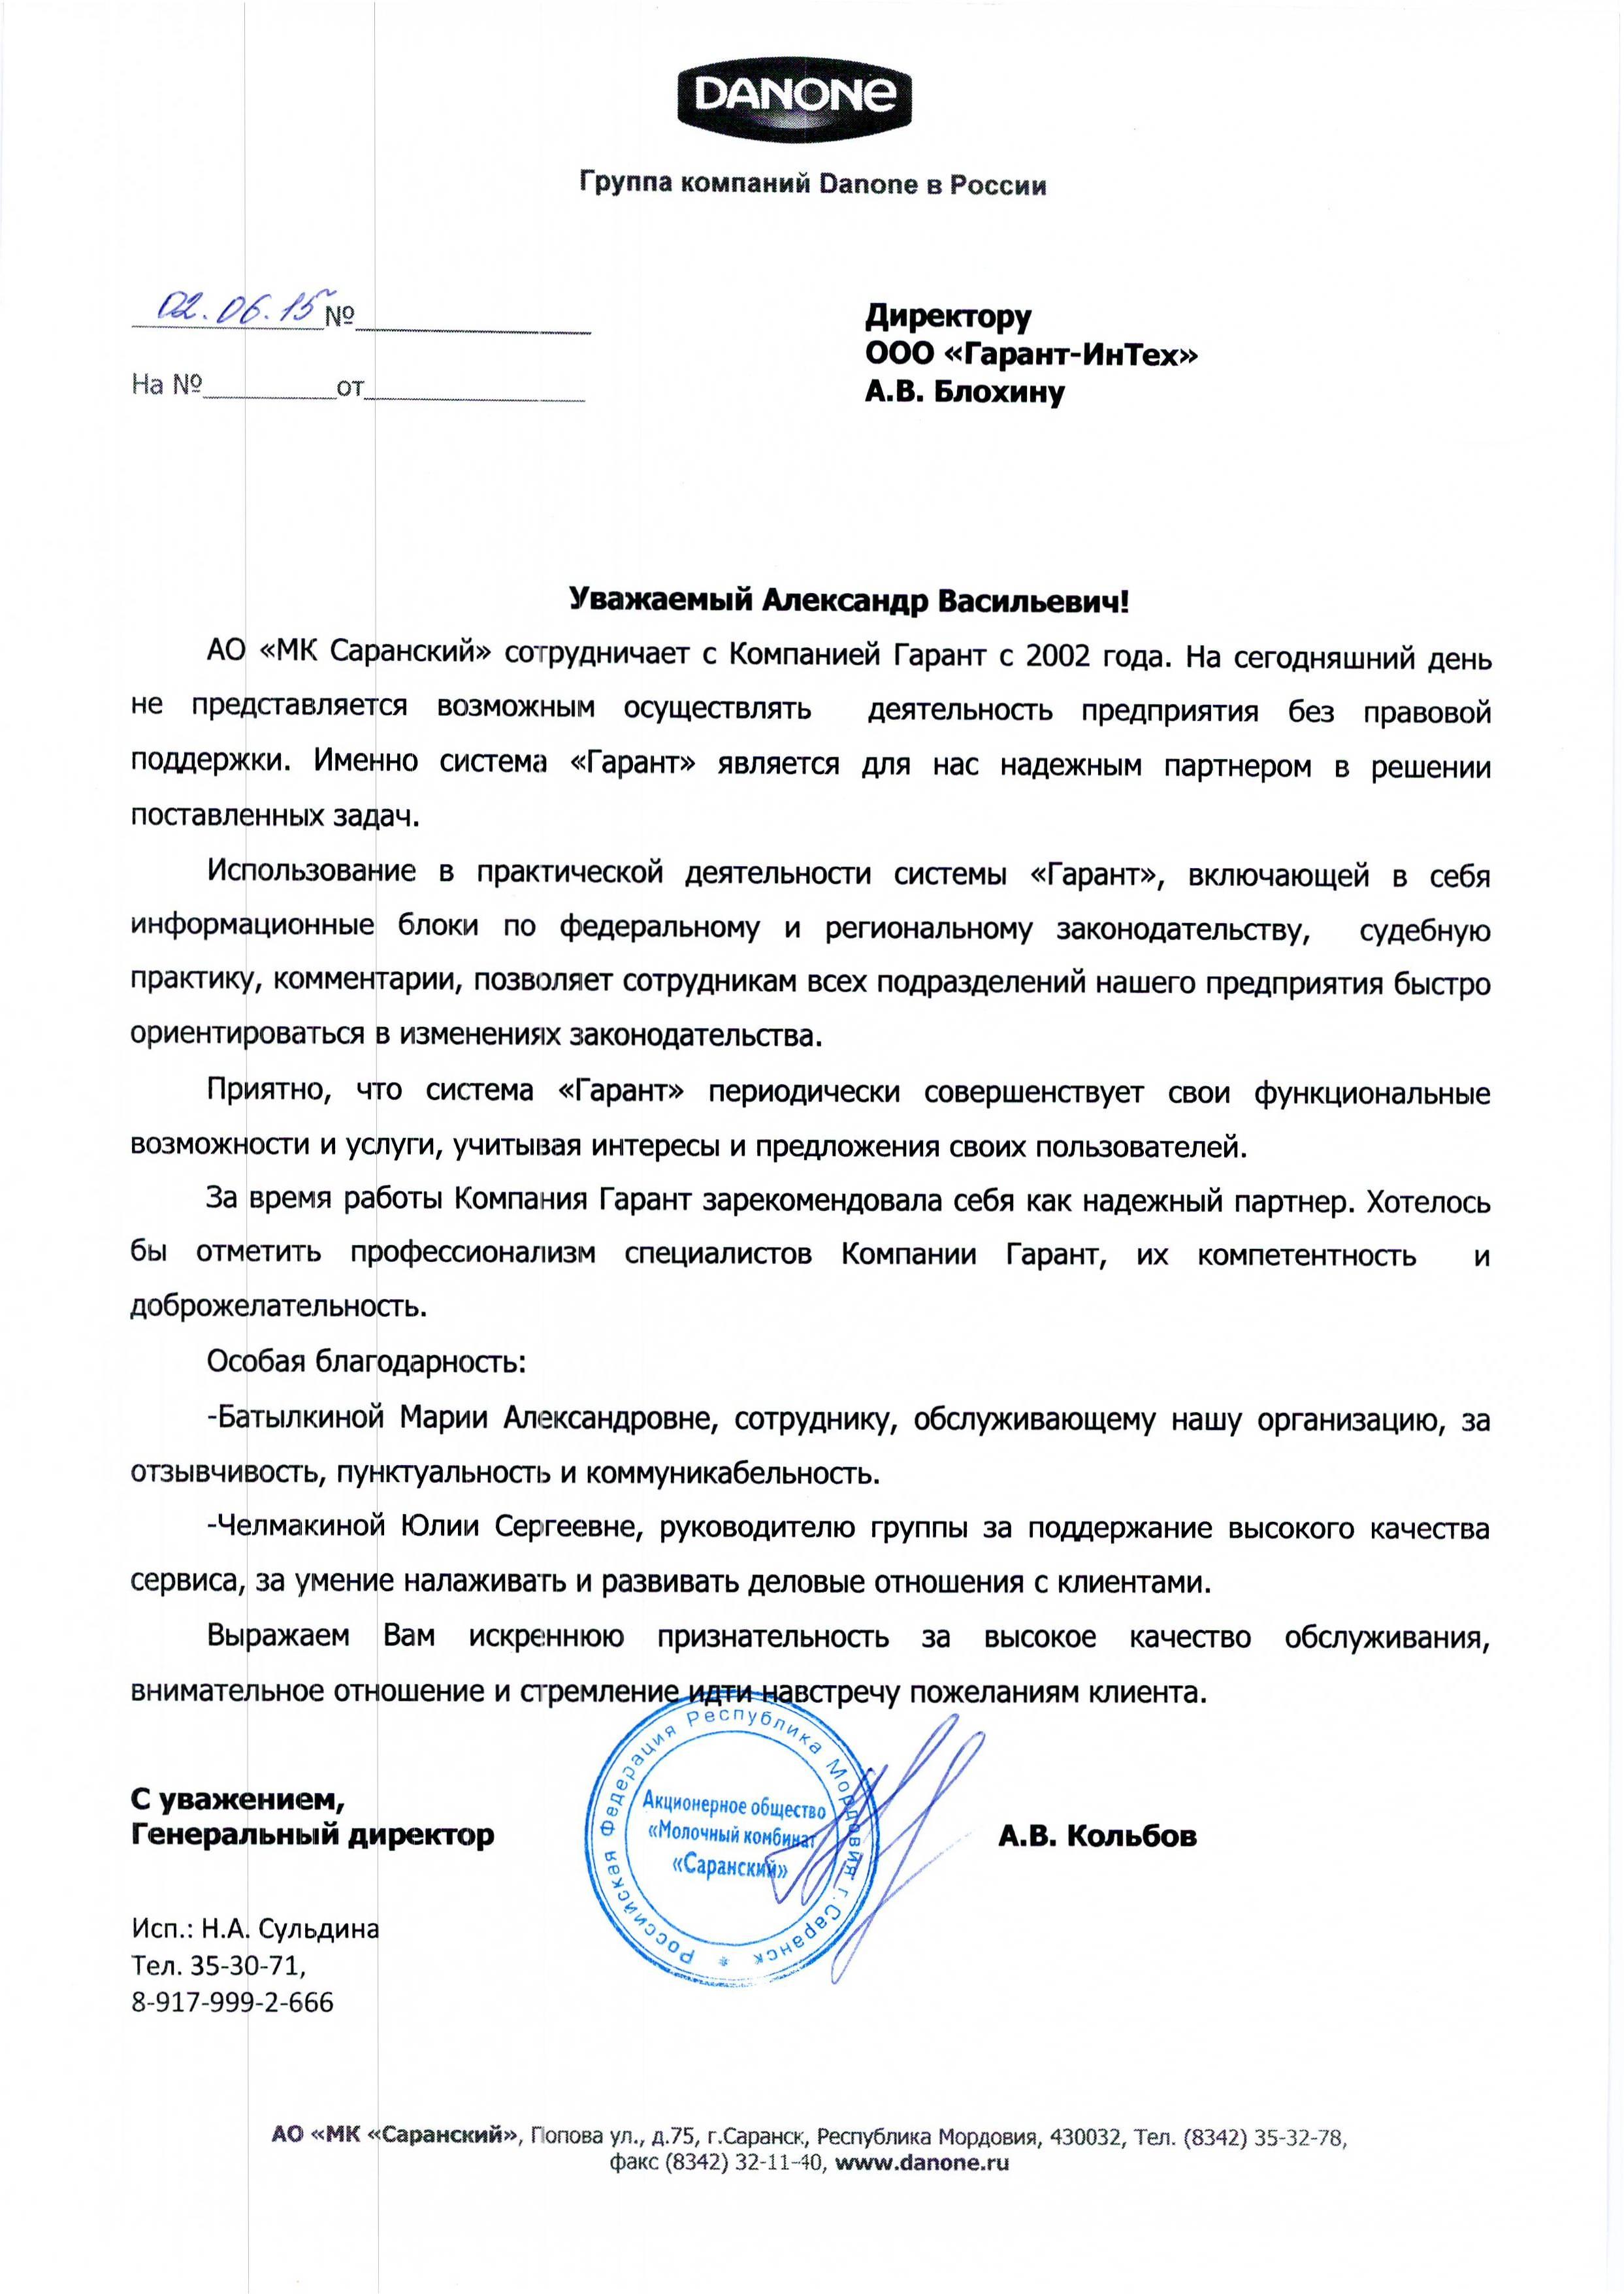 МК саранский_02.06.15